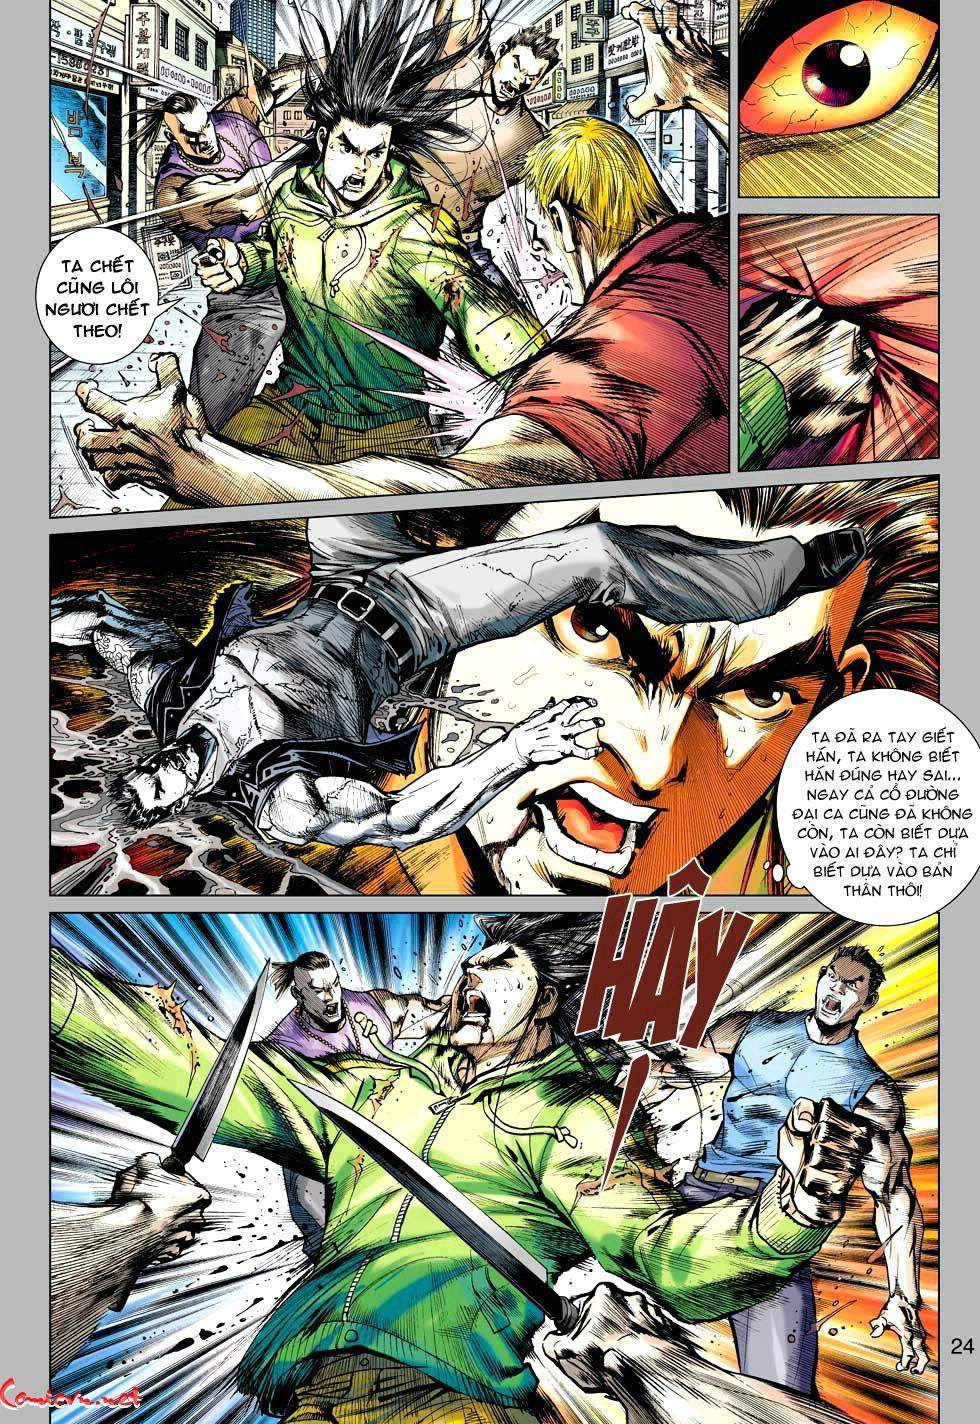 Vương Phong Lôi 1 chap 34 - Trang 24